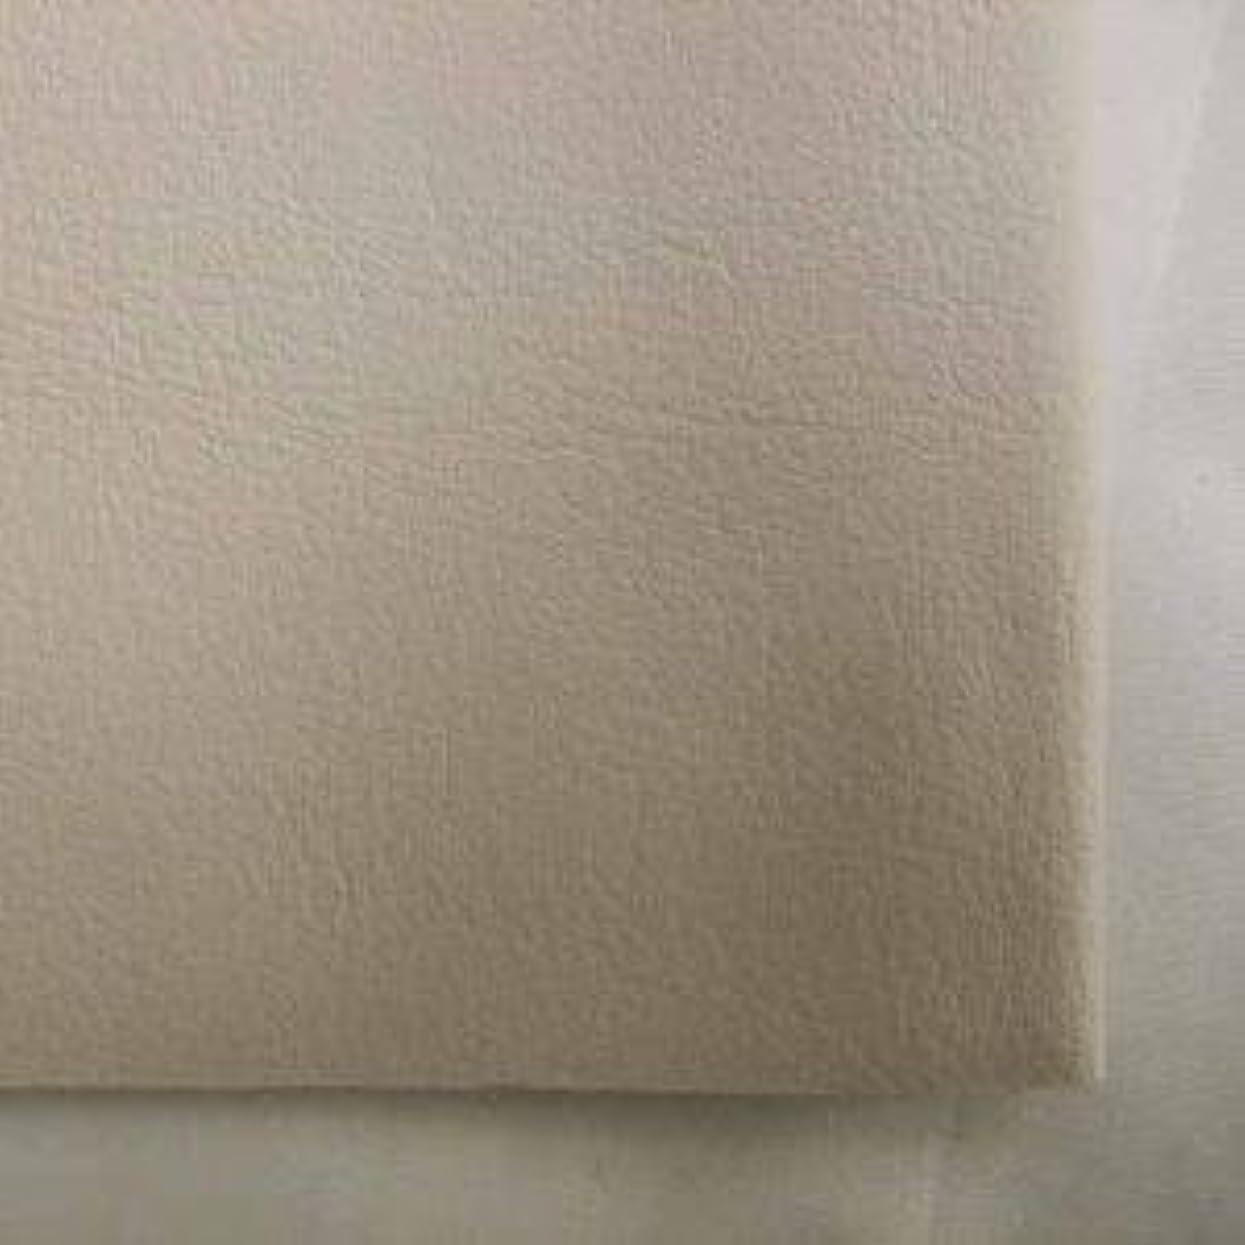 食器棚だらしない順番明和グラビア イス リフォーム レザーシート (アイボリー/レッド/グレー/ブラック/ブラウン/ベージュ) 約60×120cm アイボリー